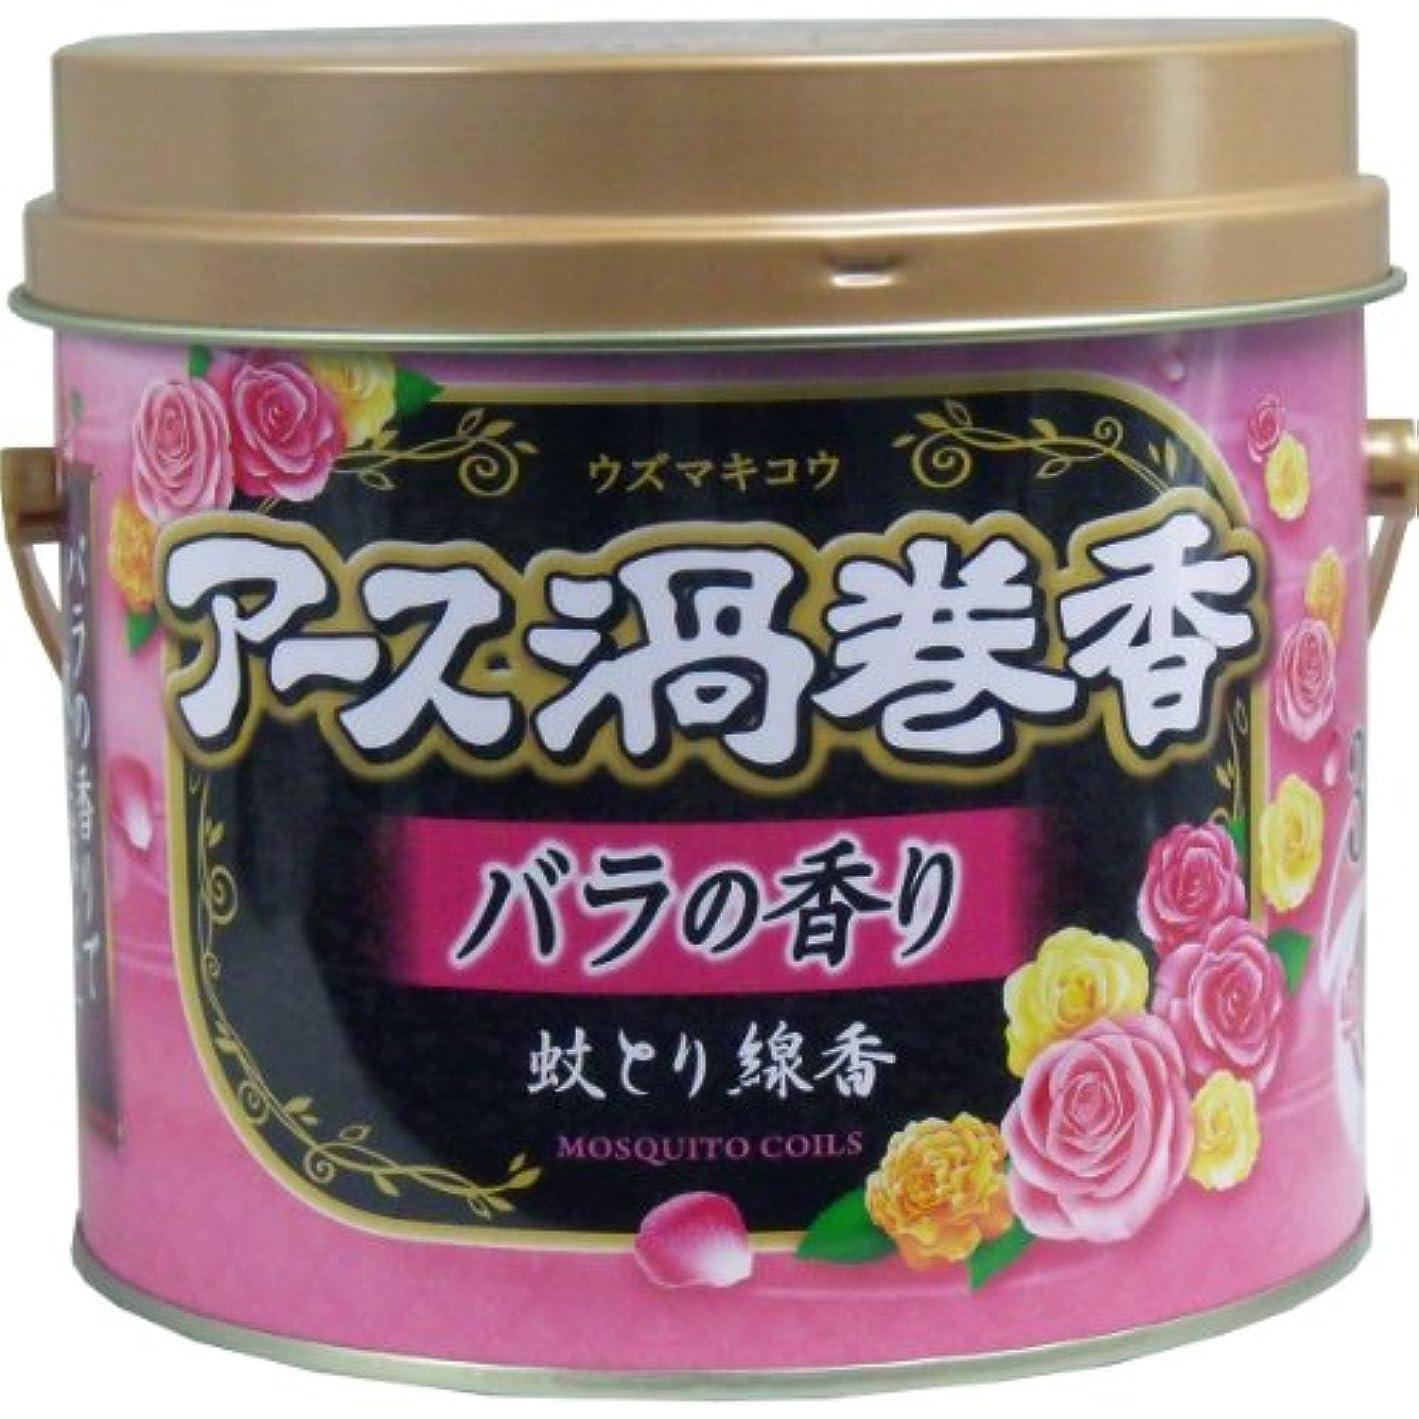 ウナギ道を作る大胆アース渦巻香 蚊とり線香 バラの香り 30巻5個セット